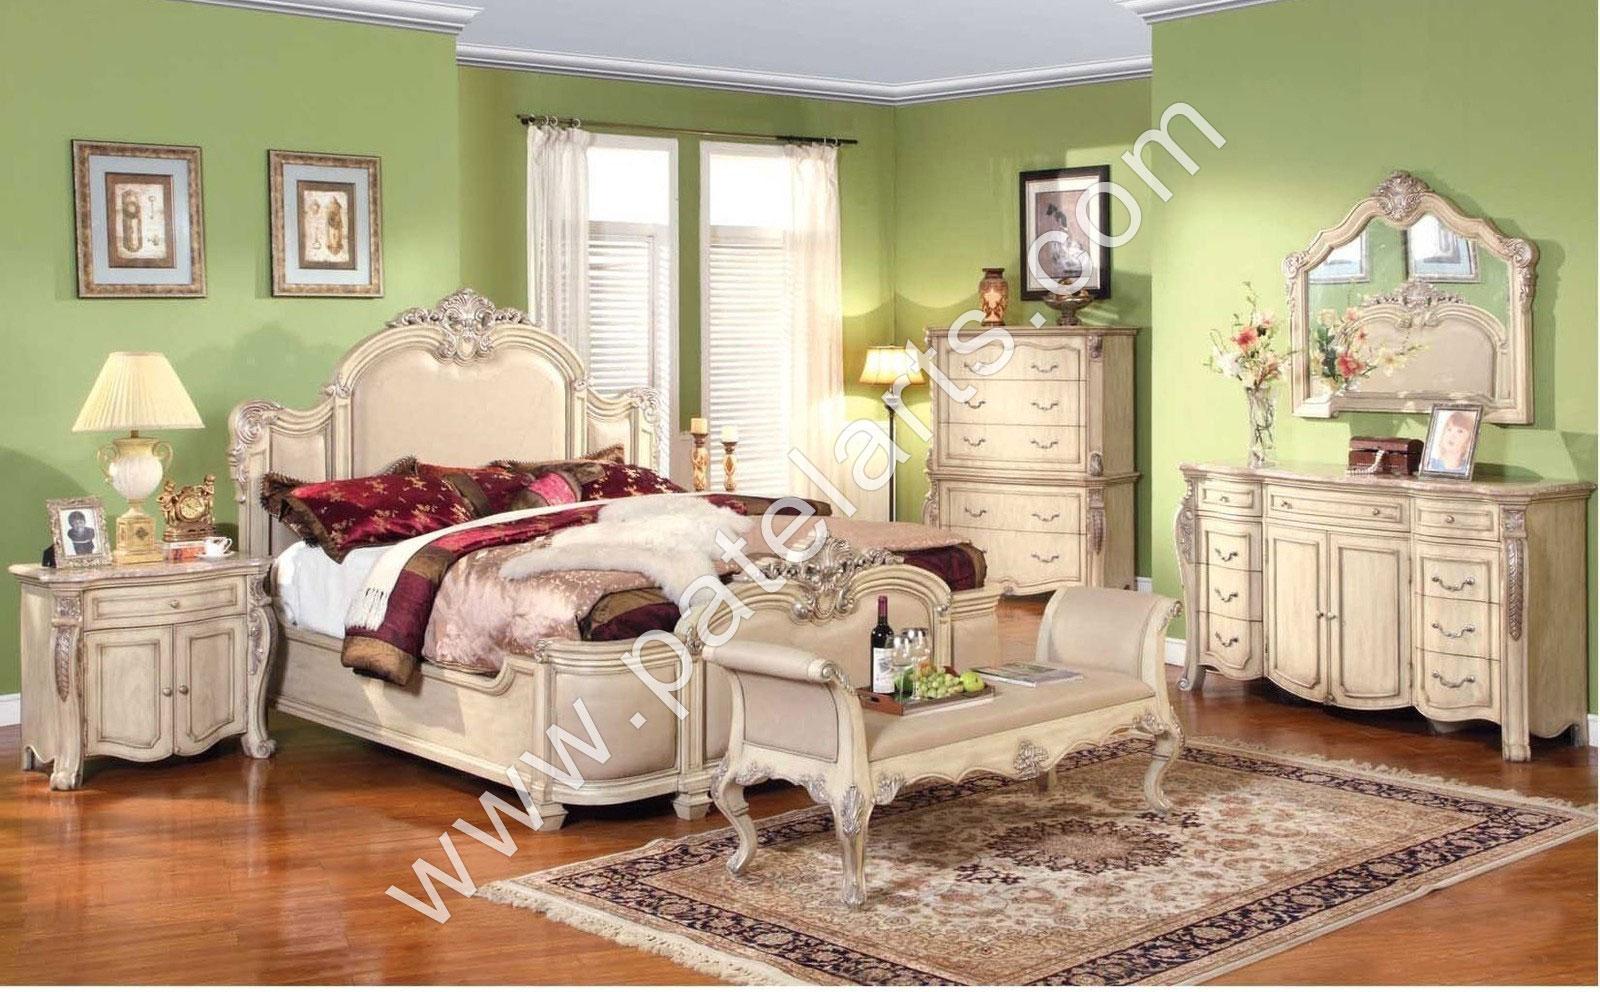 Wooden Bed, Beds, Carved Wooden Beds, Designer Wooden Beds